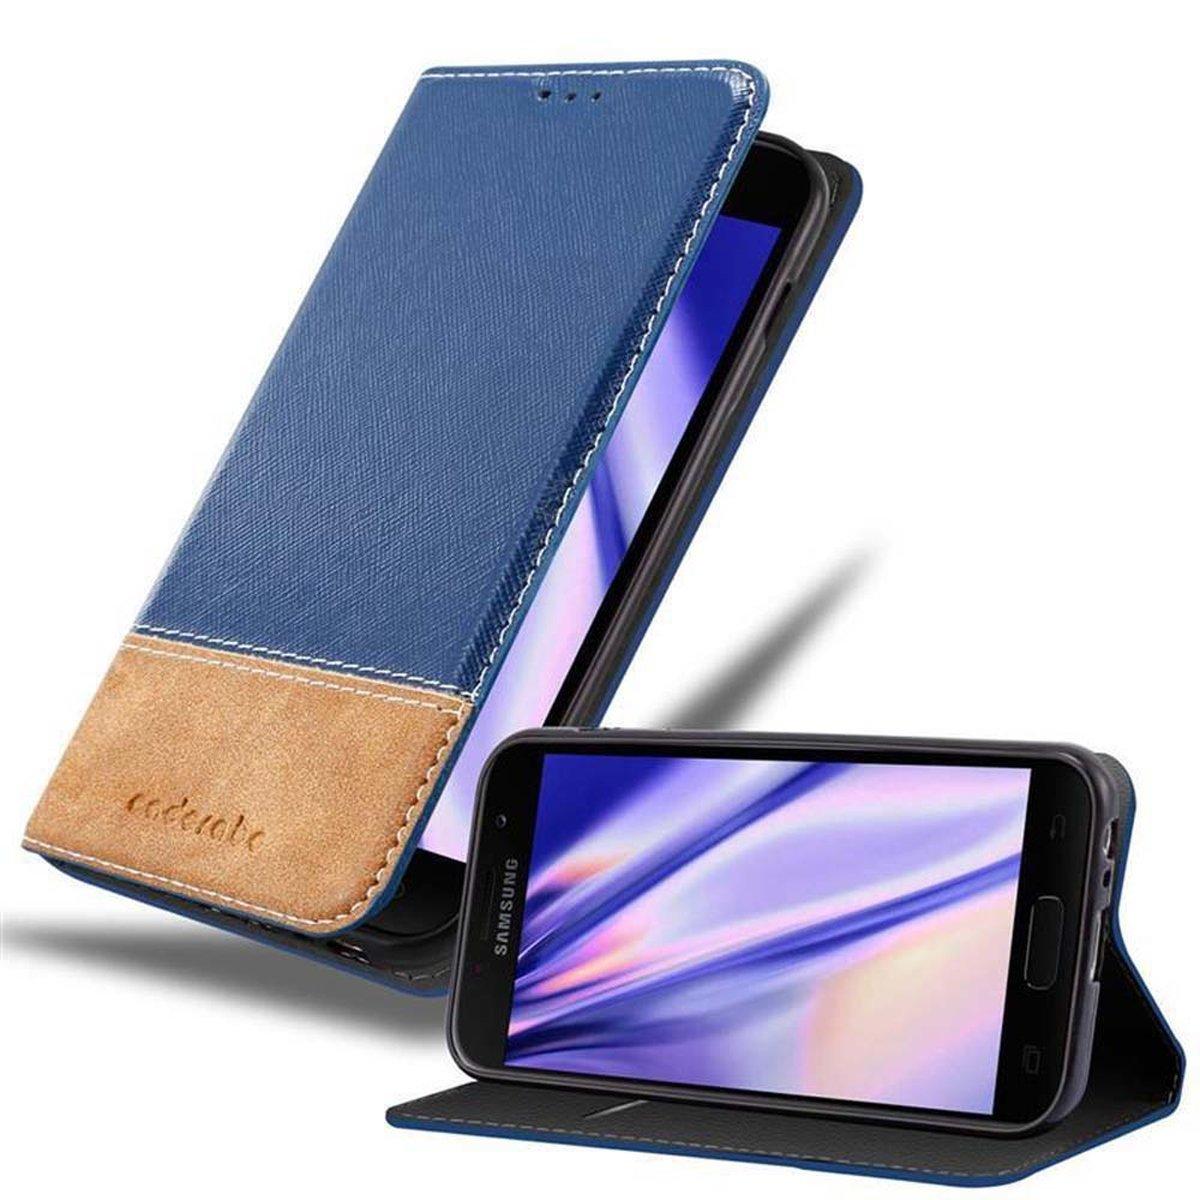 Cadorabo Hülle für Samsung Galaxy A5 2017 in BLAU BRAUN ? Handyhülle mit Magnetverschluss, Standfunktion und Kartenfach ? Case Cover Schutzhülle Etui